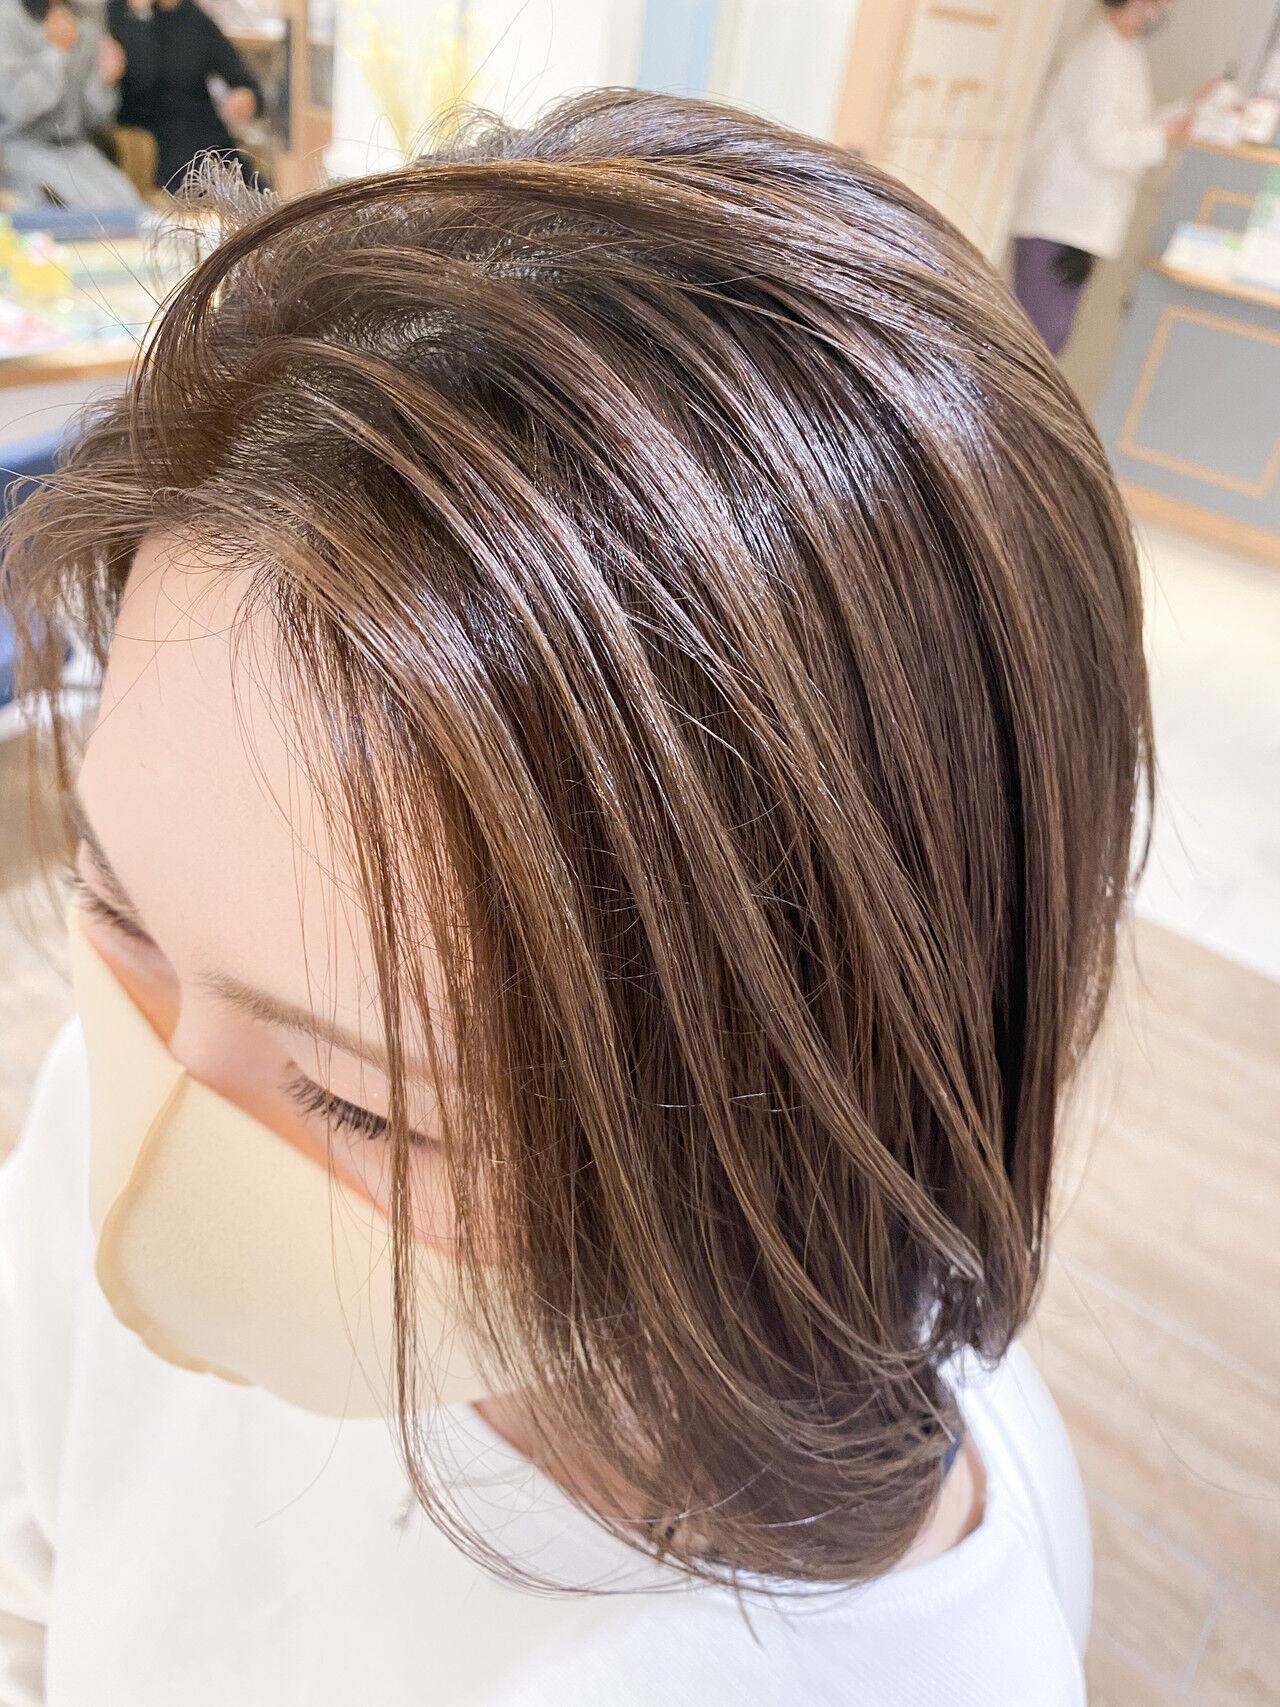 ちょこちょこ目立つ白髪... タカトリミキ/ Neolive CiroL.  Neolive CiroL.